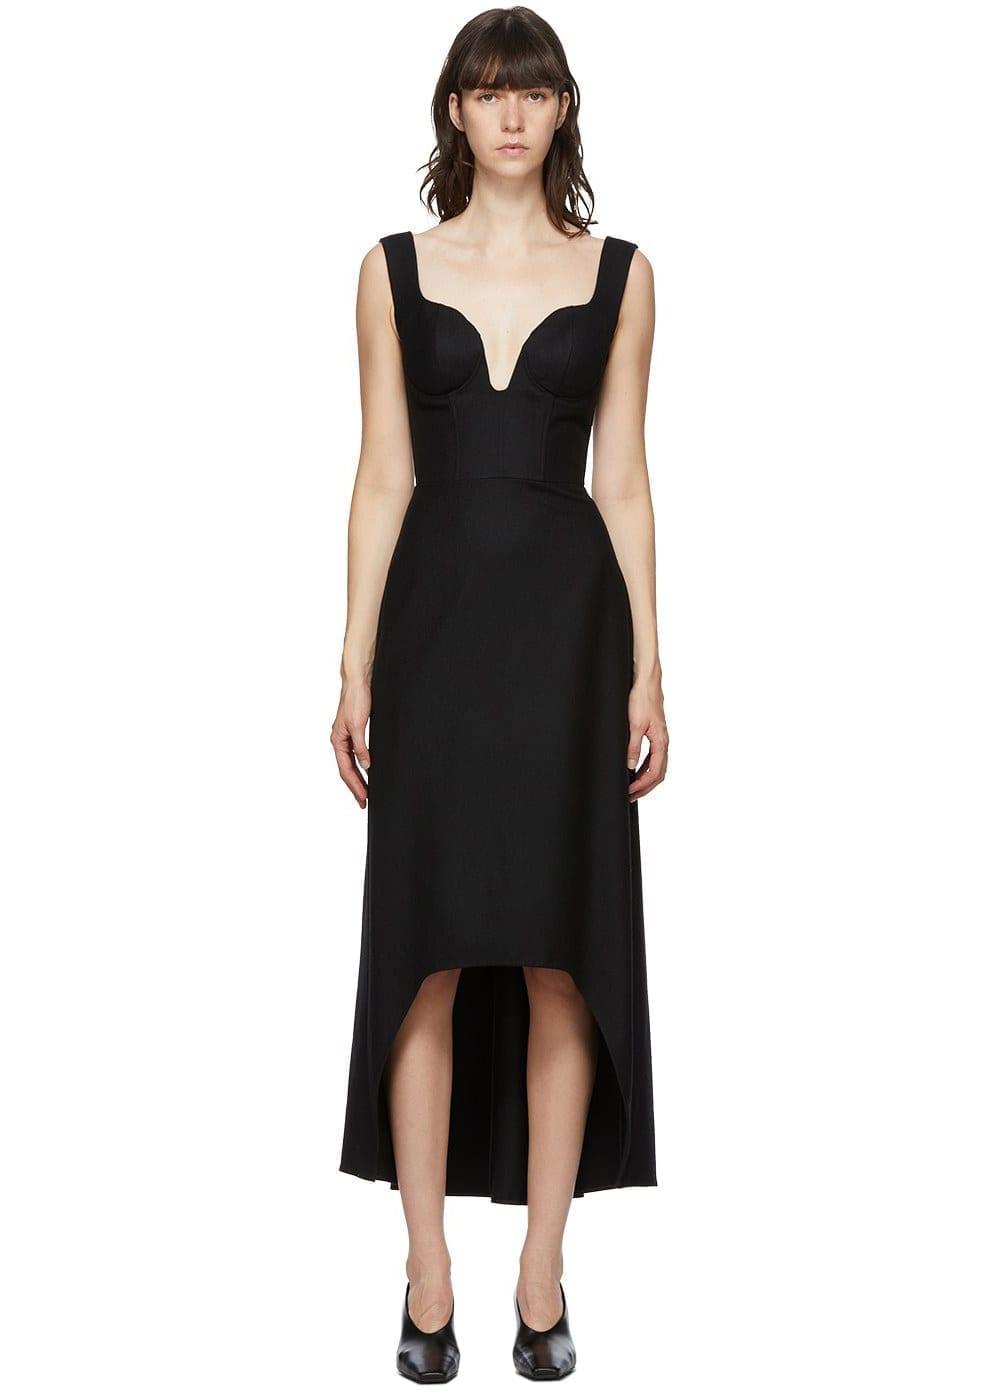 ALEXANDER MCQUEEN Black Bust Dip Dress